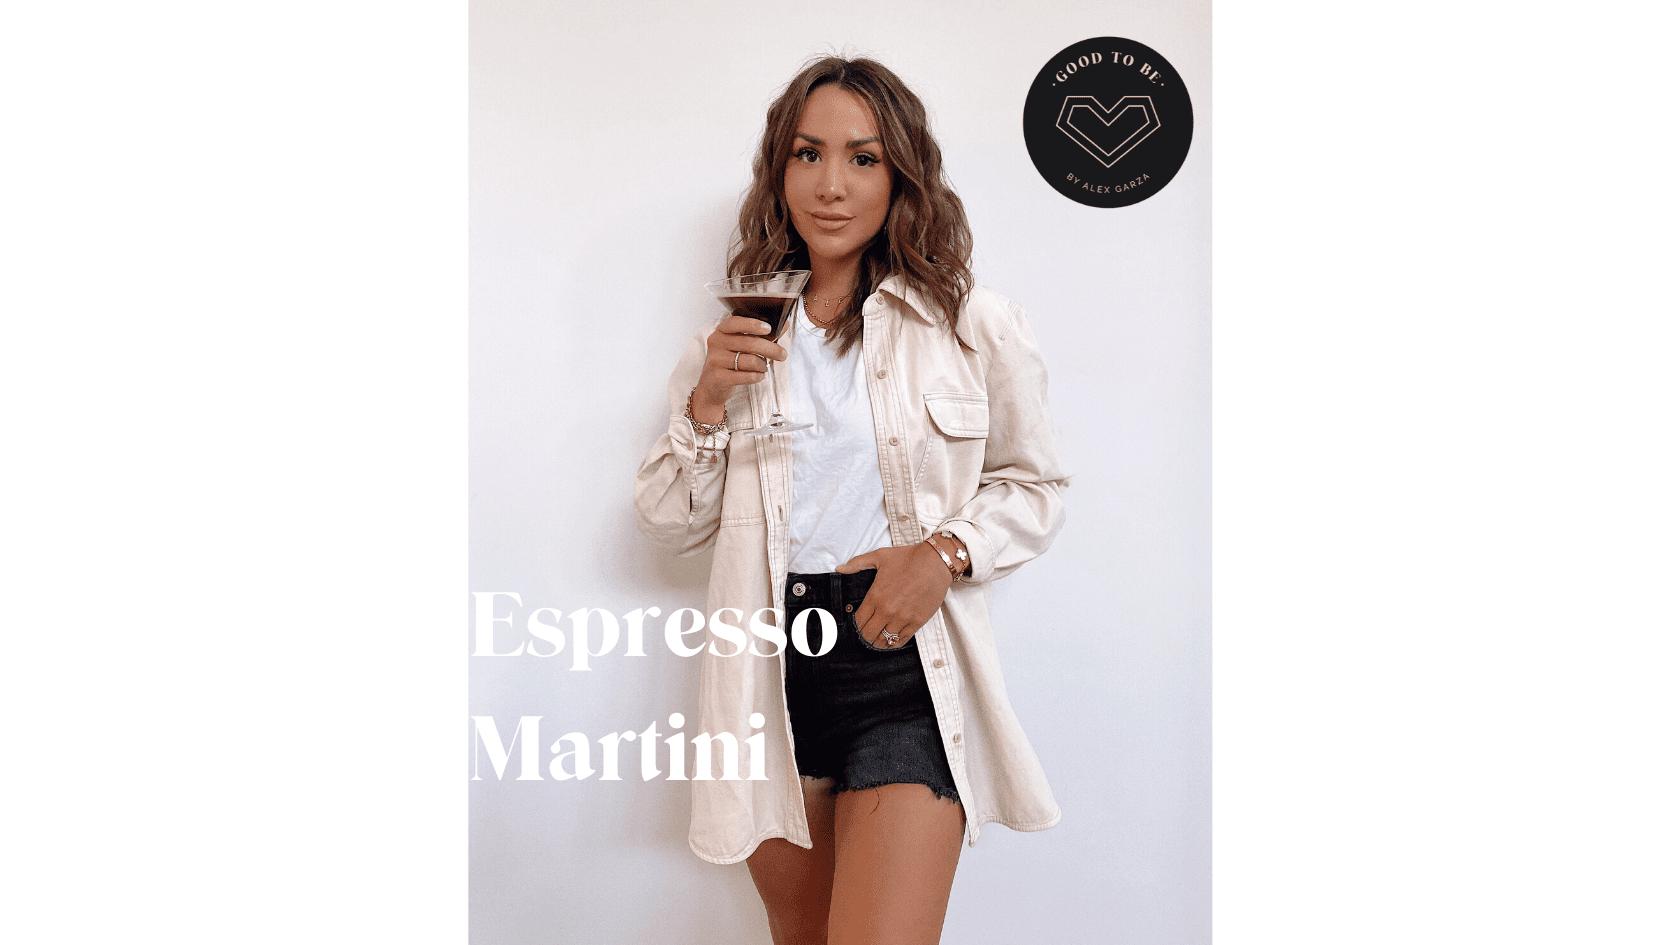 Happy Hour: Espresso Martini